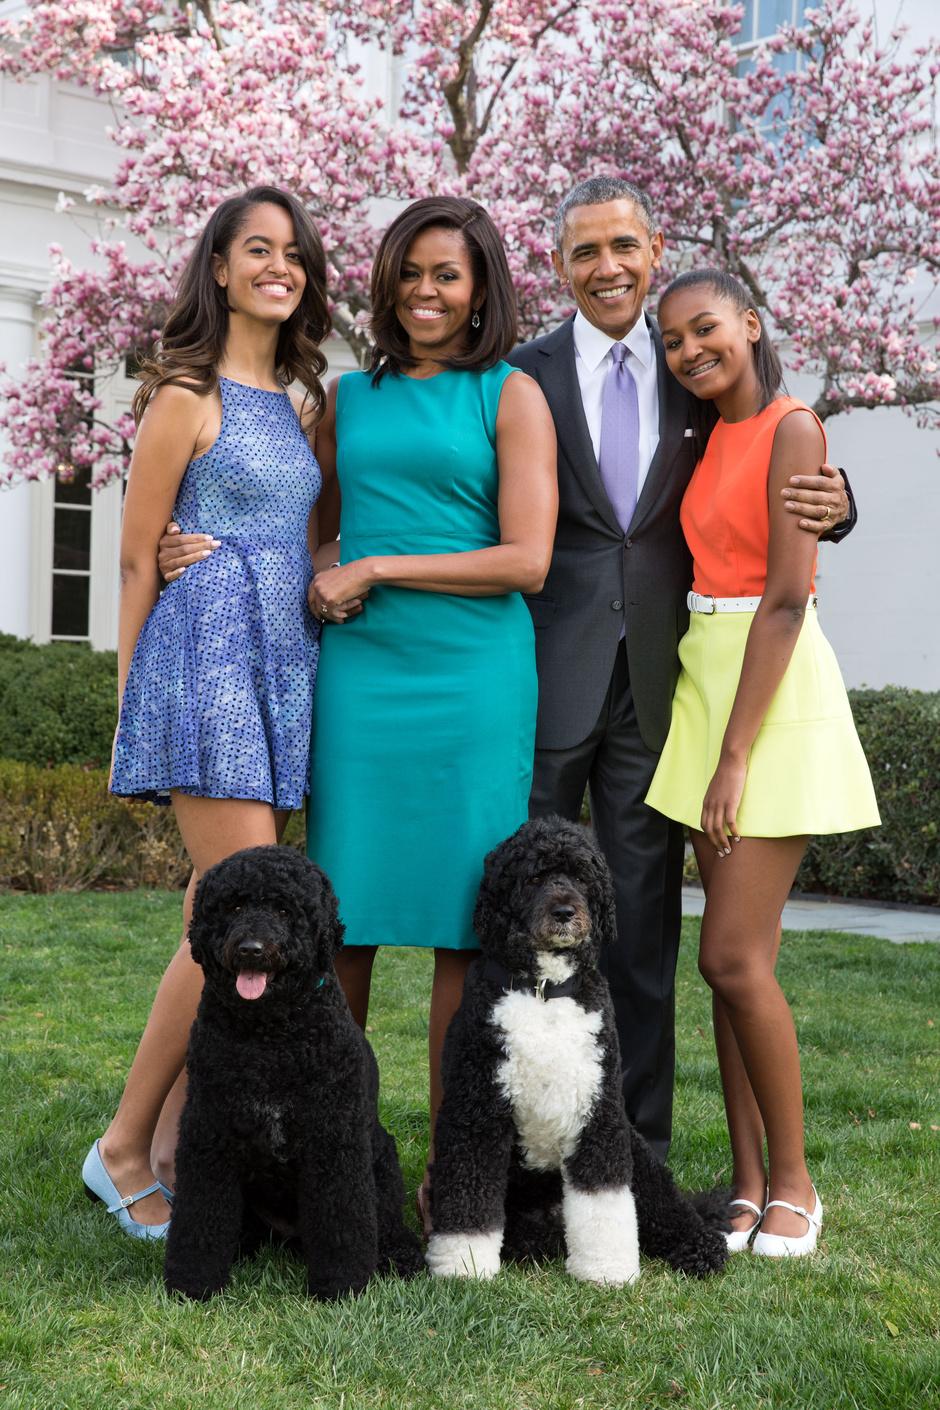 Малия, Мишель, Барак и Саша Обама